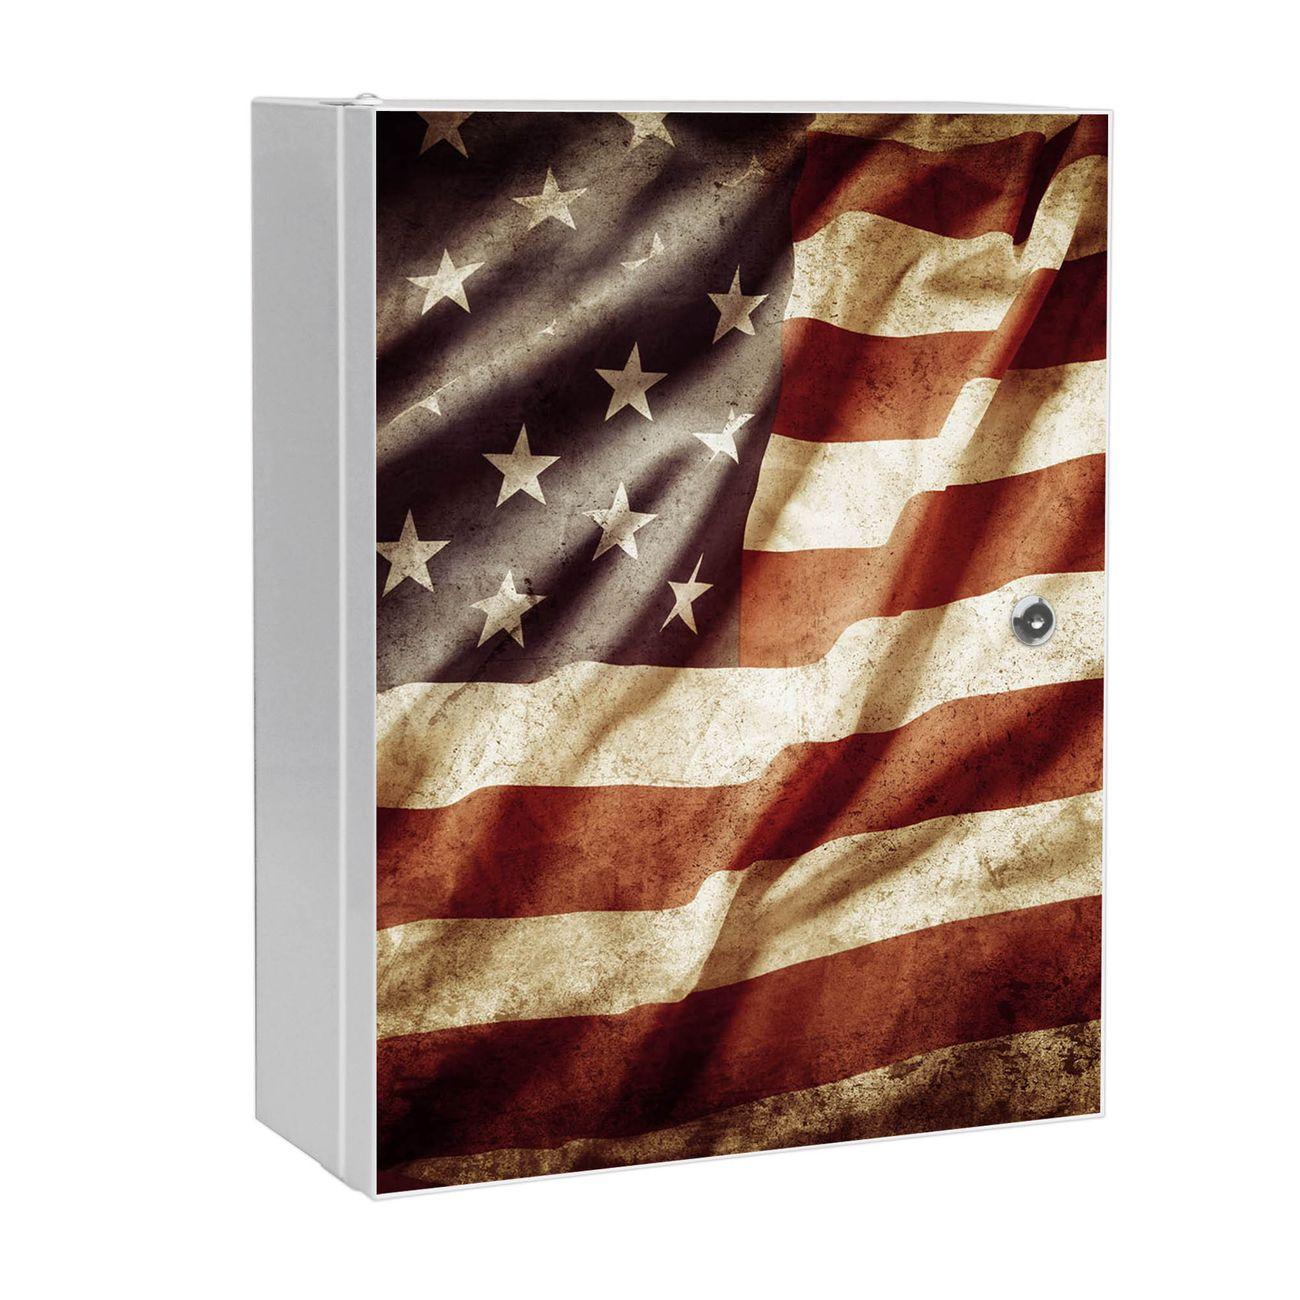 Medizinschrank Stahl Motiv United States